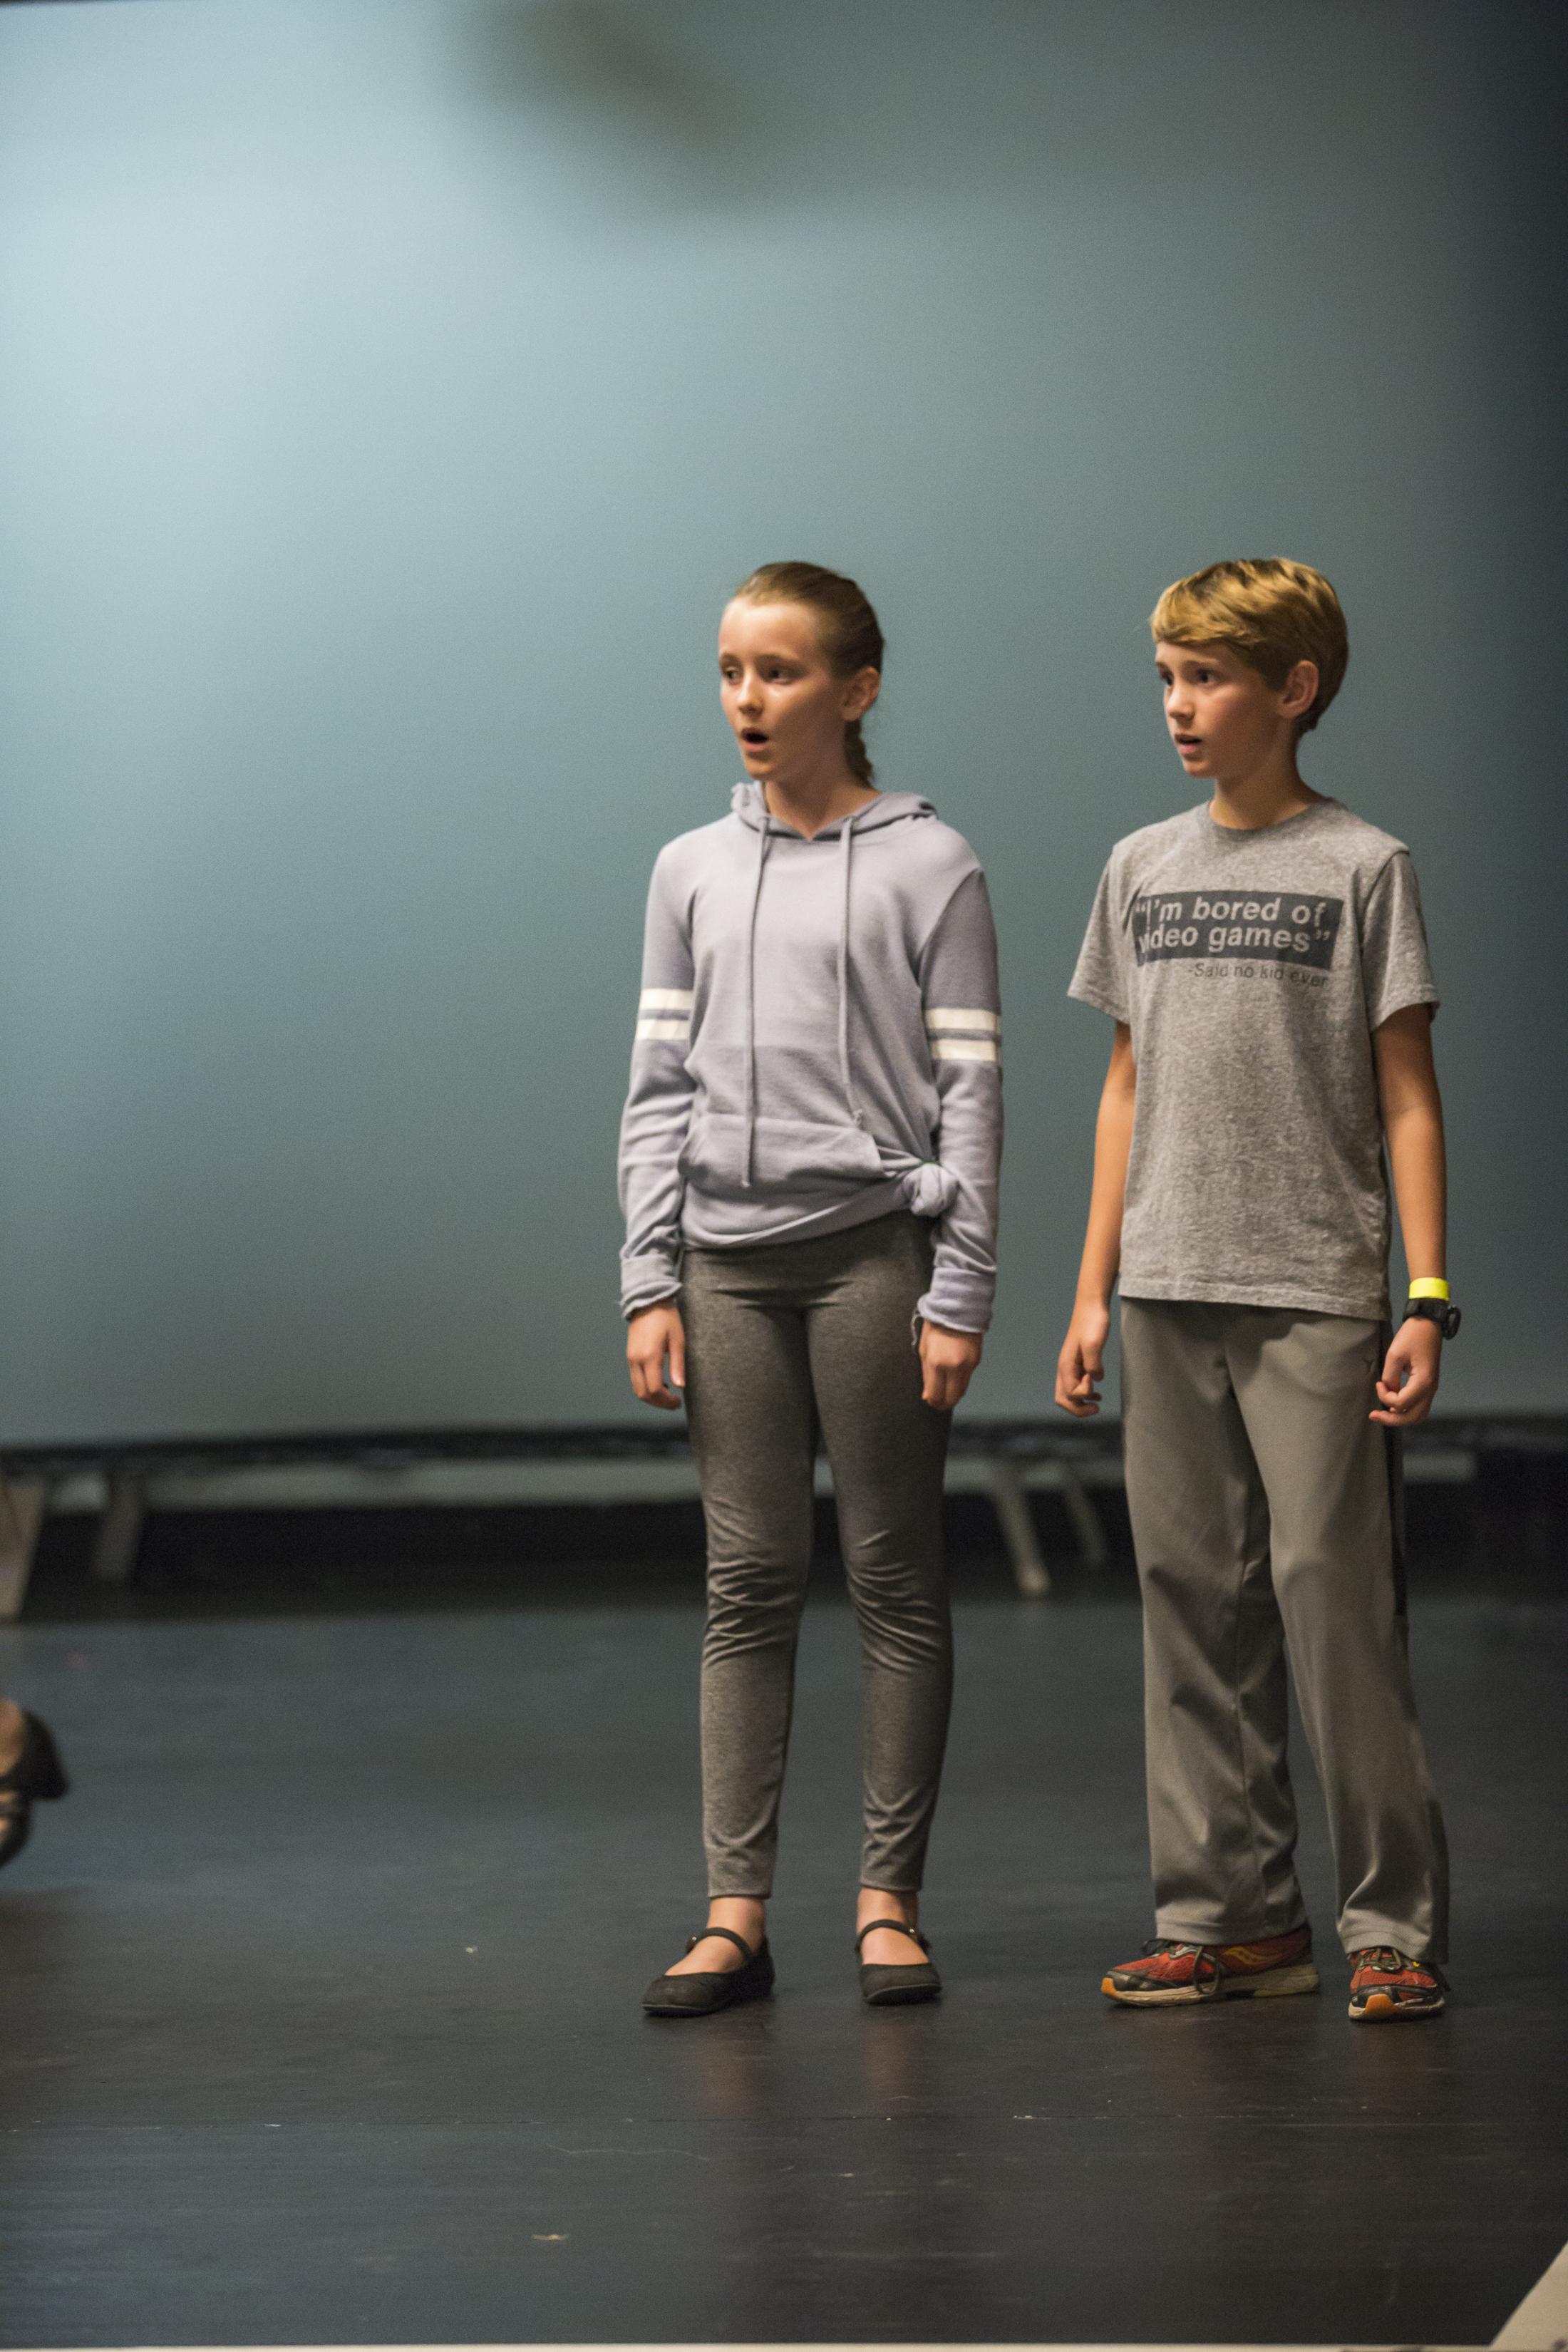 Mary Poppins - Streetlight Theatre Company - Rehearsal Shoot #1 - 20 Sep '18 - 002.JPG